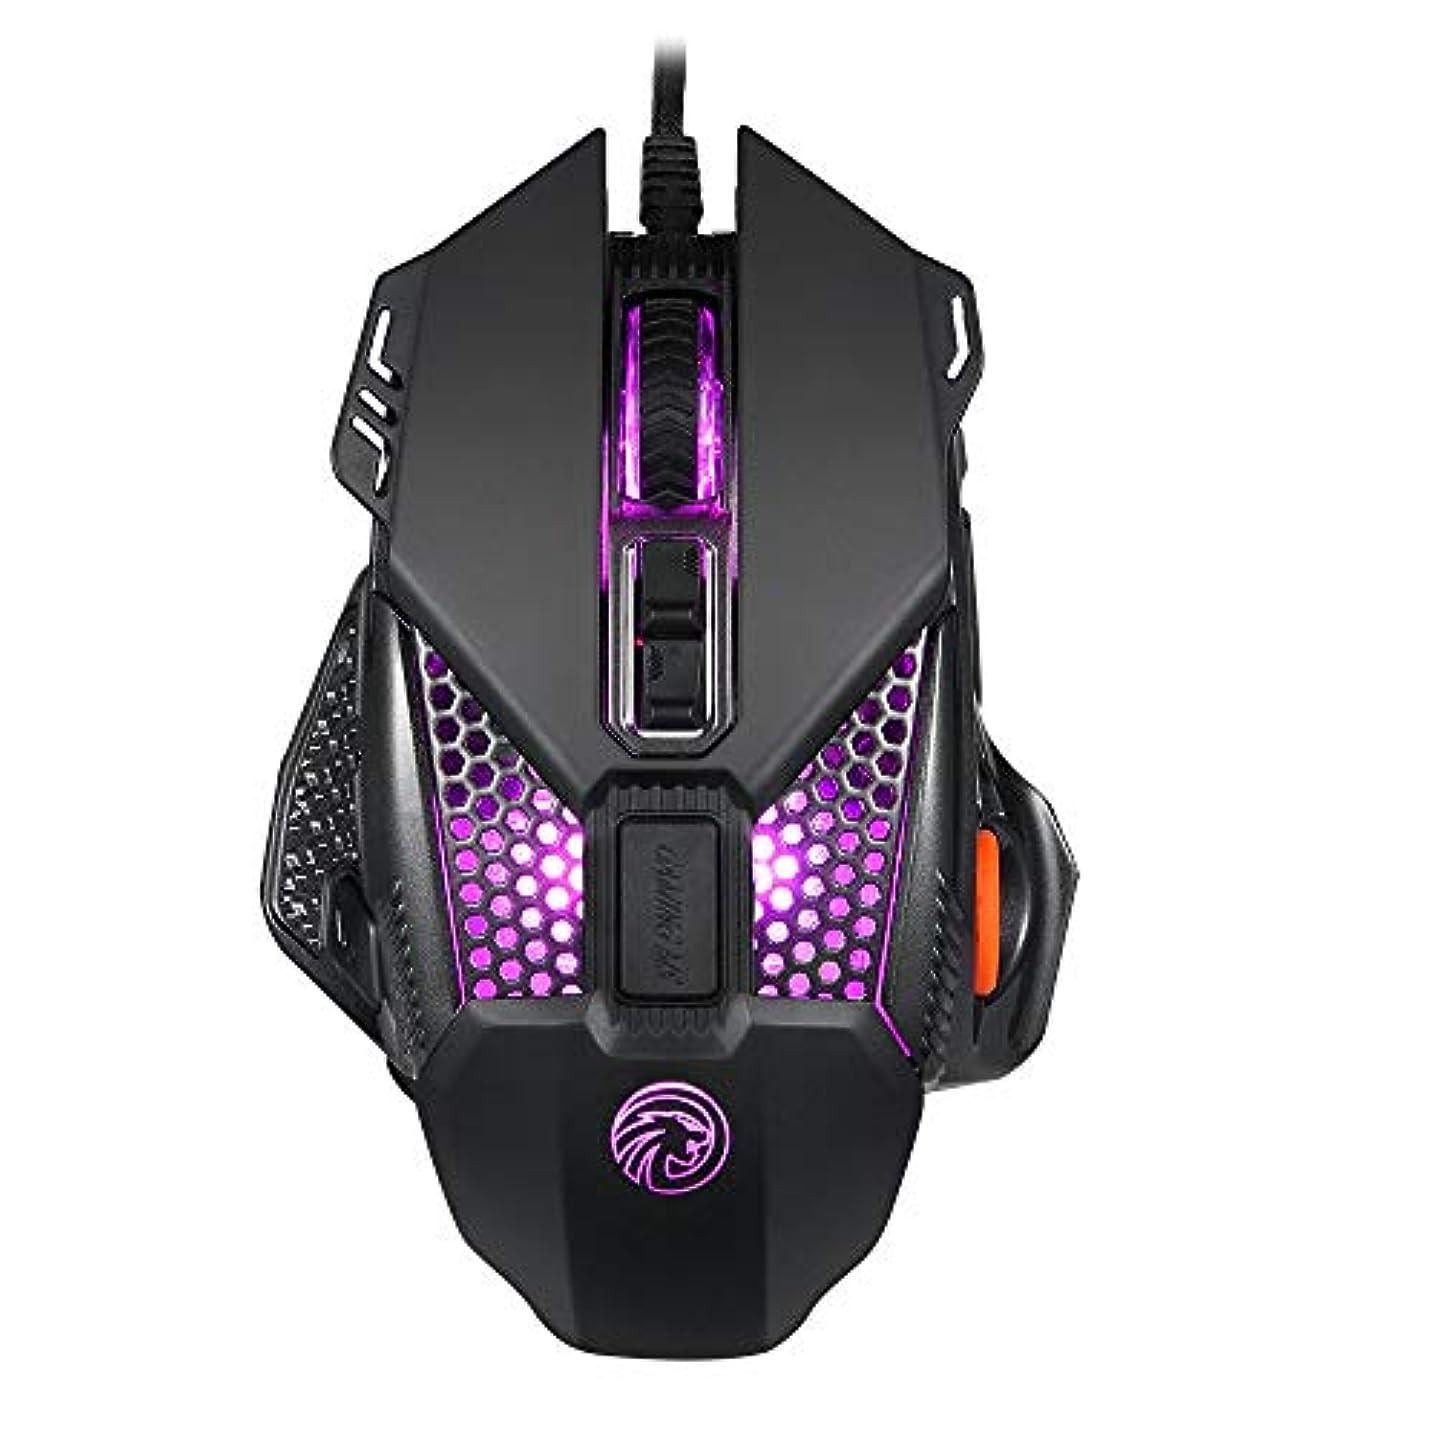 神秘日常的にライナーNotalas エレコム メカニカルゲーミングマウス有線 RGBバックライト8つのプログラム可能なボタン4800 DPI 4 調整可能 DPIレベル16.8百万クリック色 呼吸 ライト Mechanical Gaming Mouse Wired RGB Backlit 8 Programmable Buttons 4800 DPI 4 Adjustable DPI Levels 16.8 Million Click Color Breathing Lights